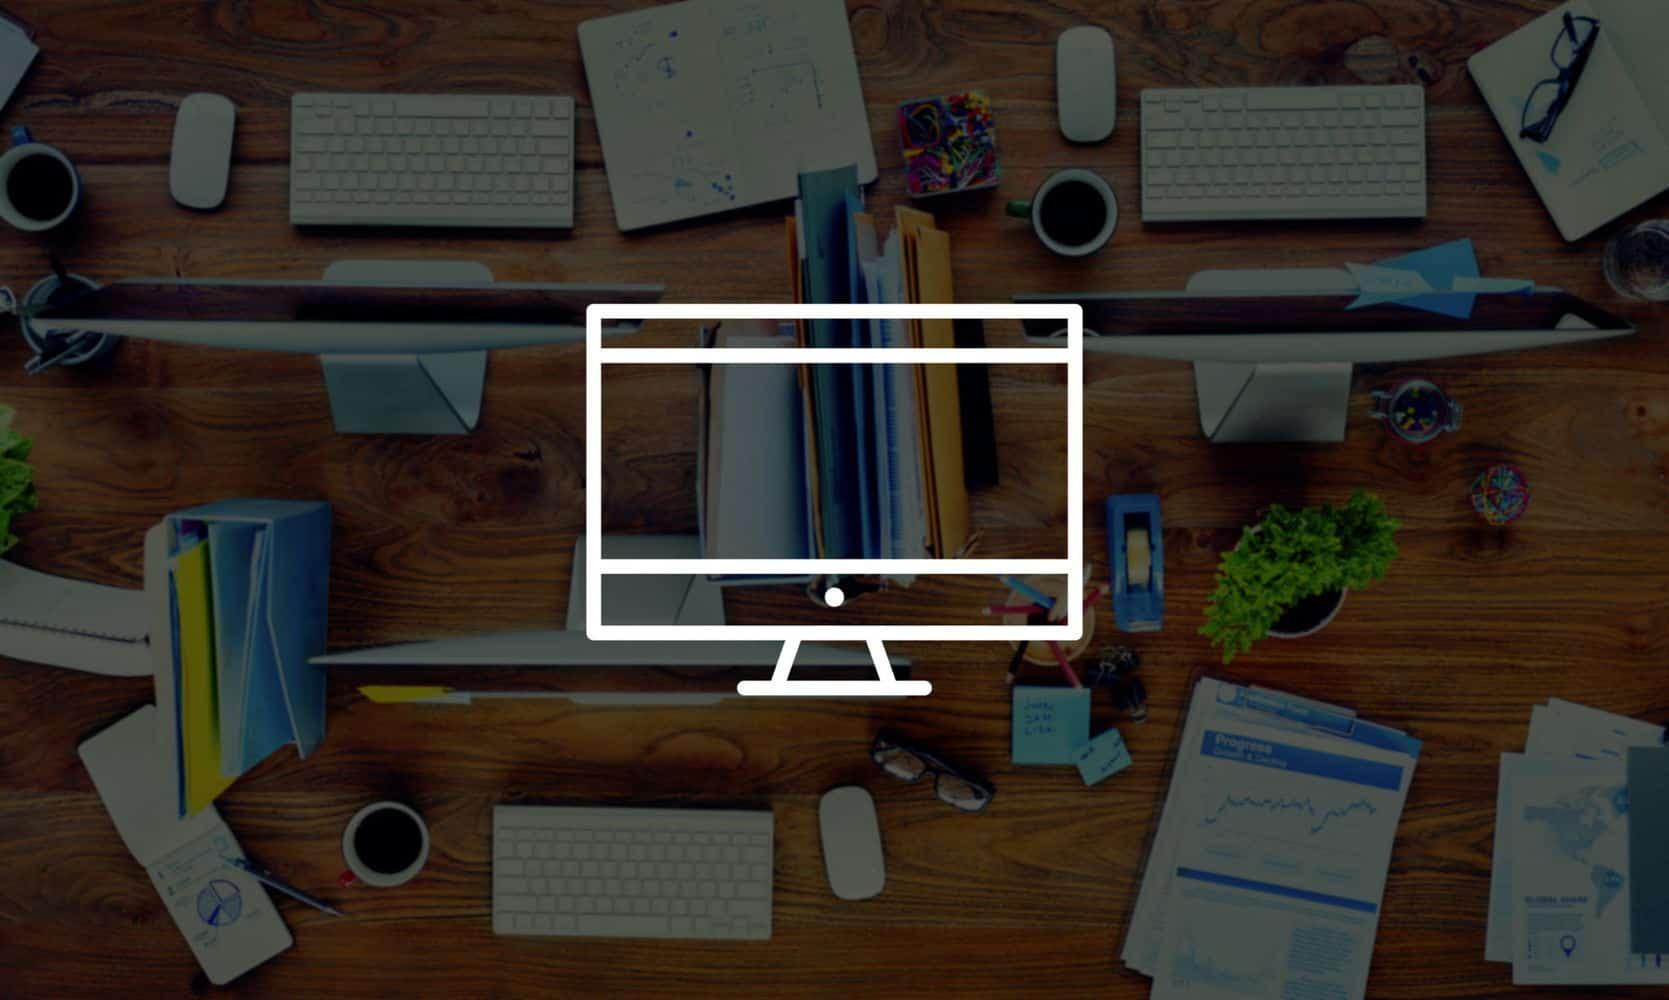 A Budapesten induló .NET fejlesztő tanfolyam elvégzése után akár önálló vállalkozást is alapíthatsz. Jelentkezz az űrlapon keresztül!